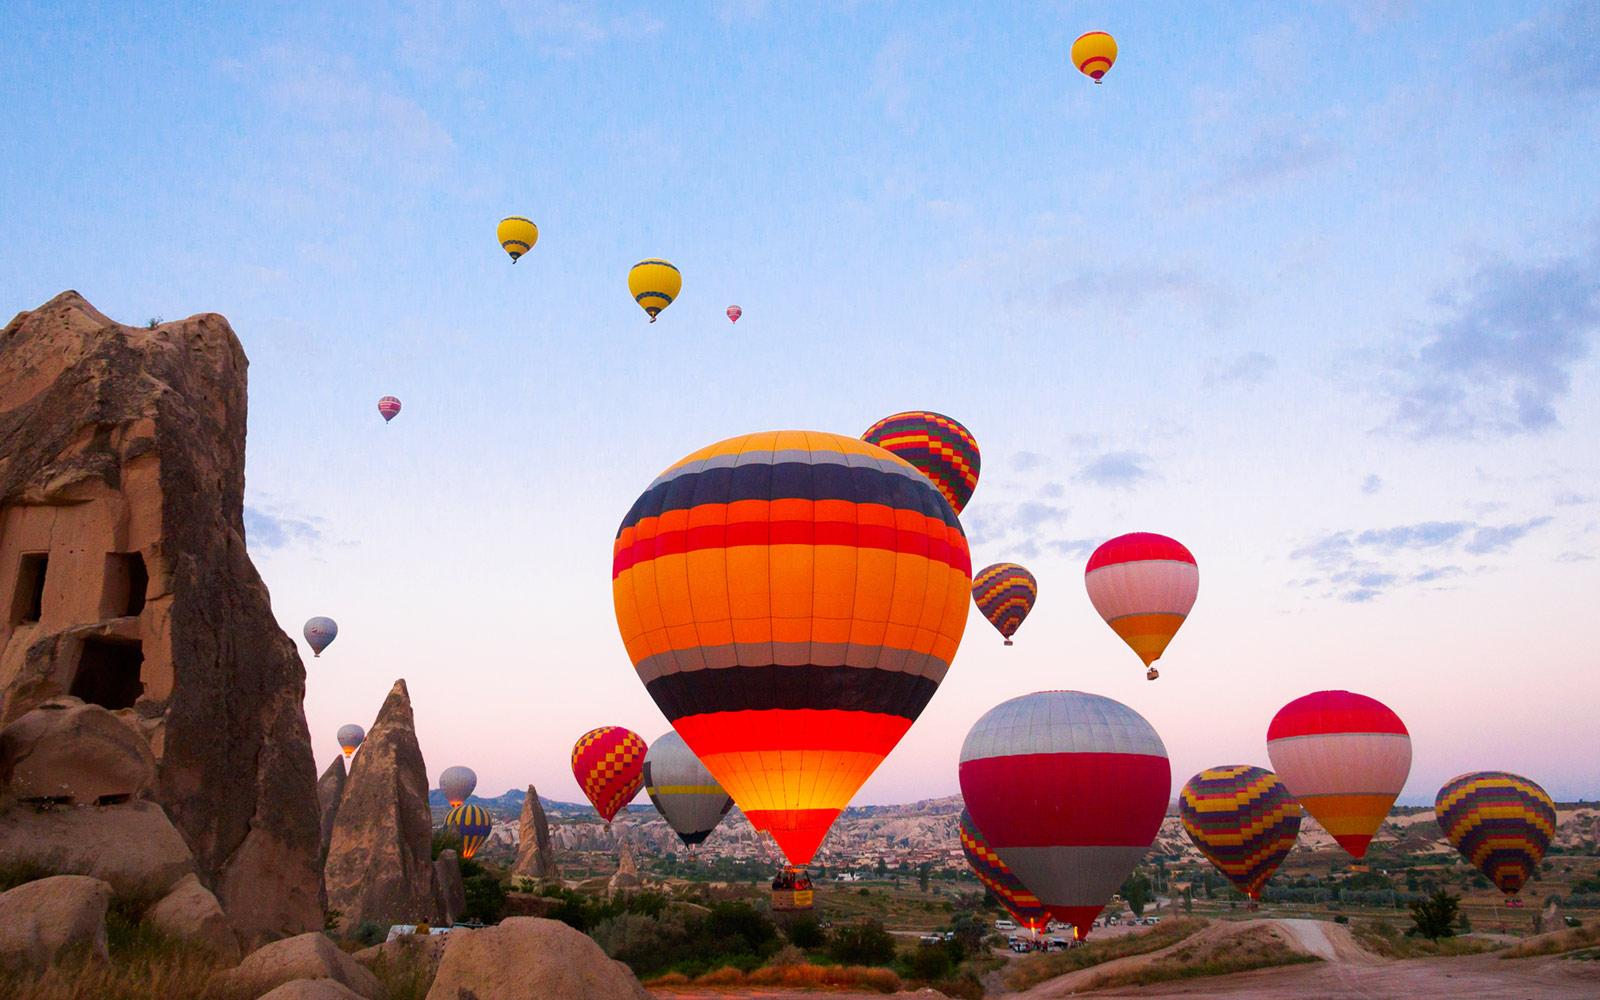 Khinh khí cầu ở Thổ Nhĩ Kỳ